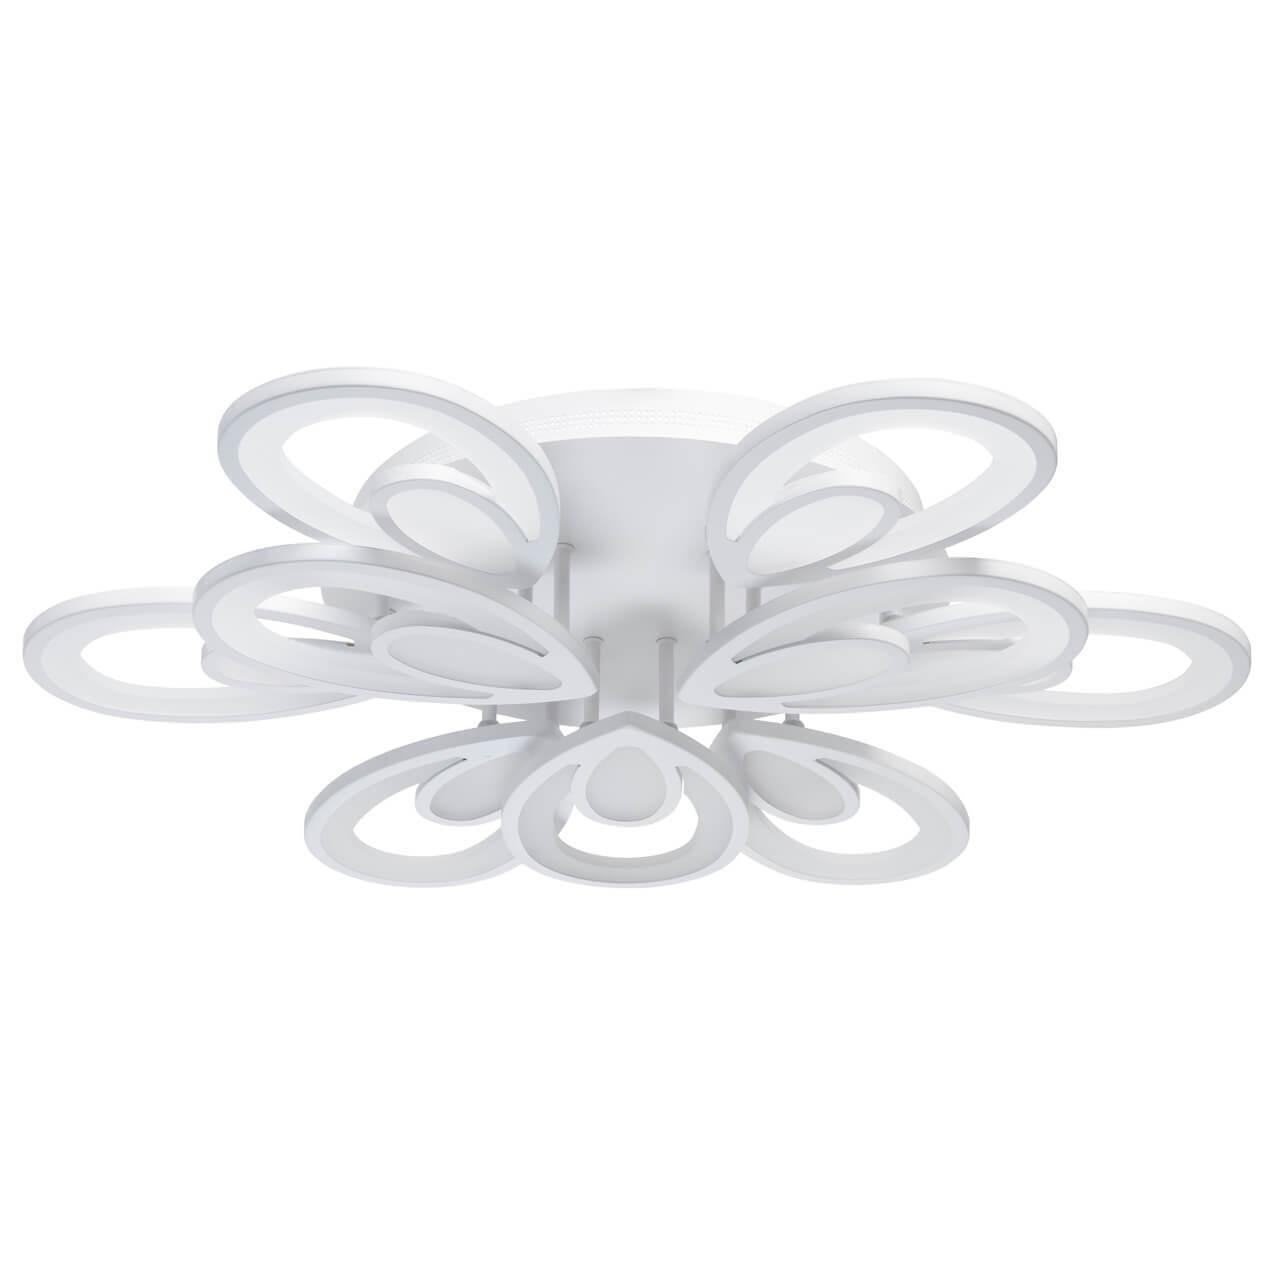 Потолочная светодиодная люстра De Markt Аурих 661016609